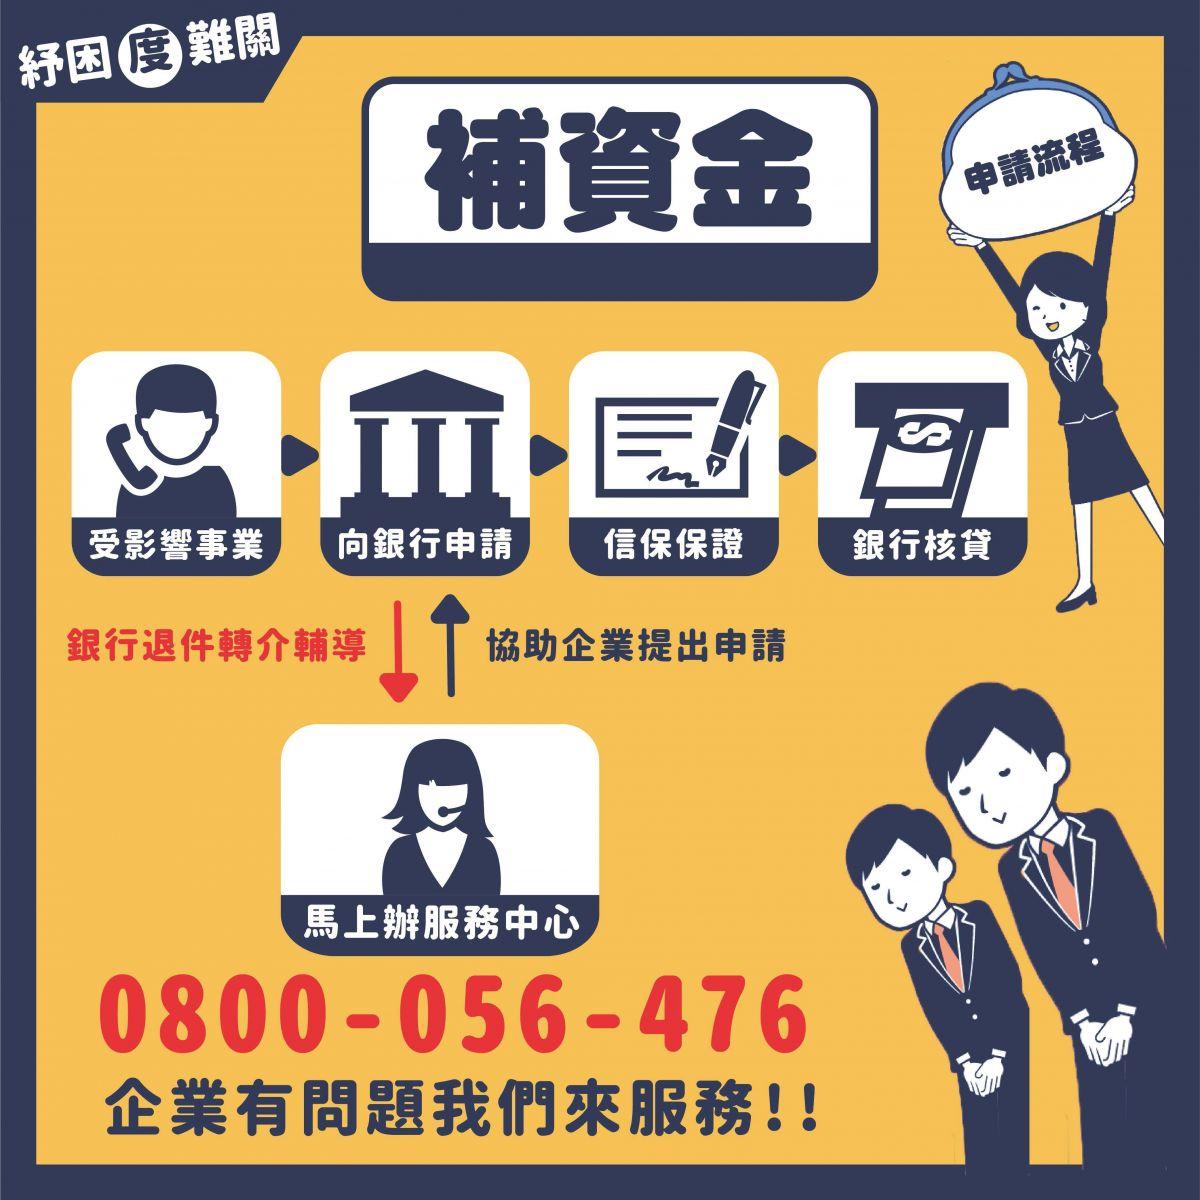 【紓困振興方案】中小企業如何申請利息補貼.貸款條件